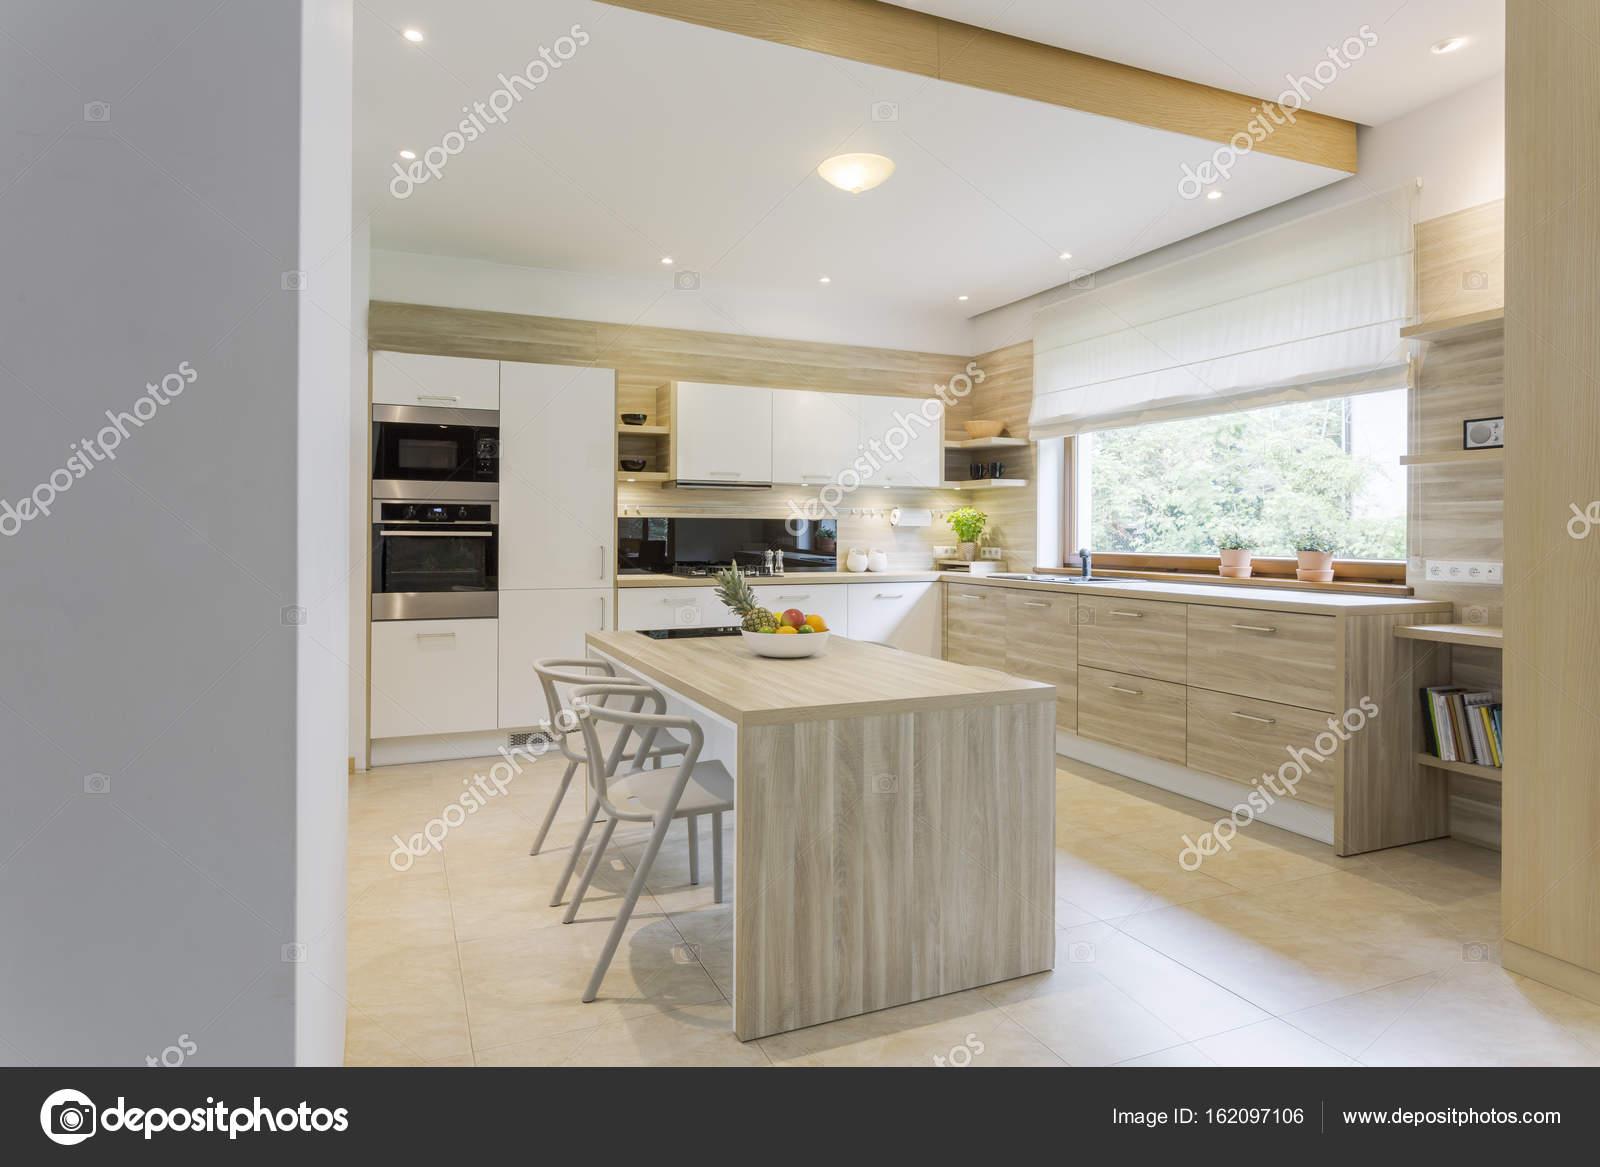 Cocina en tonos claros — Fotos de Stock © photographee.eu #162097106